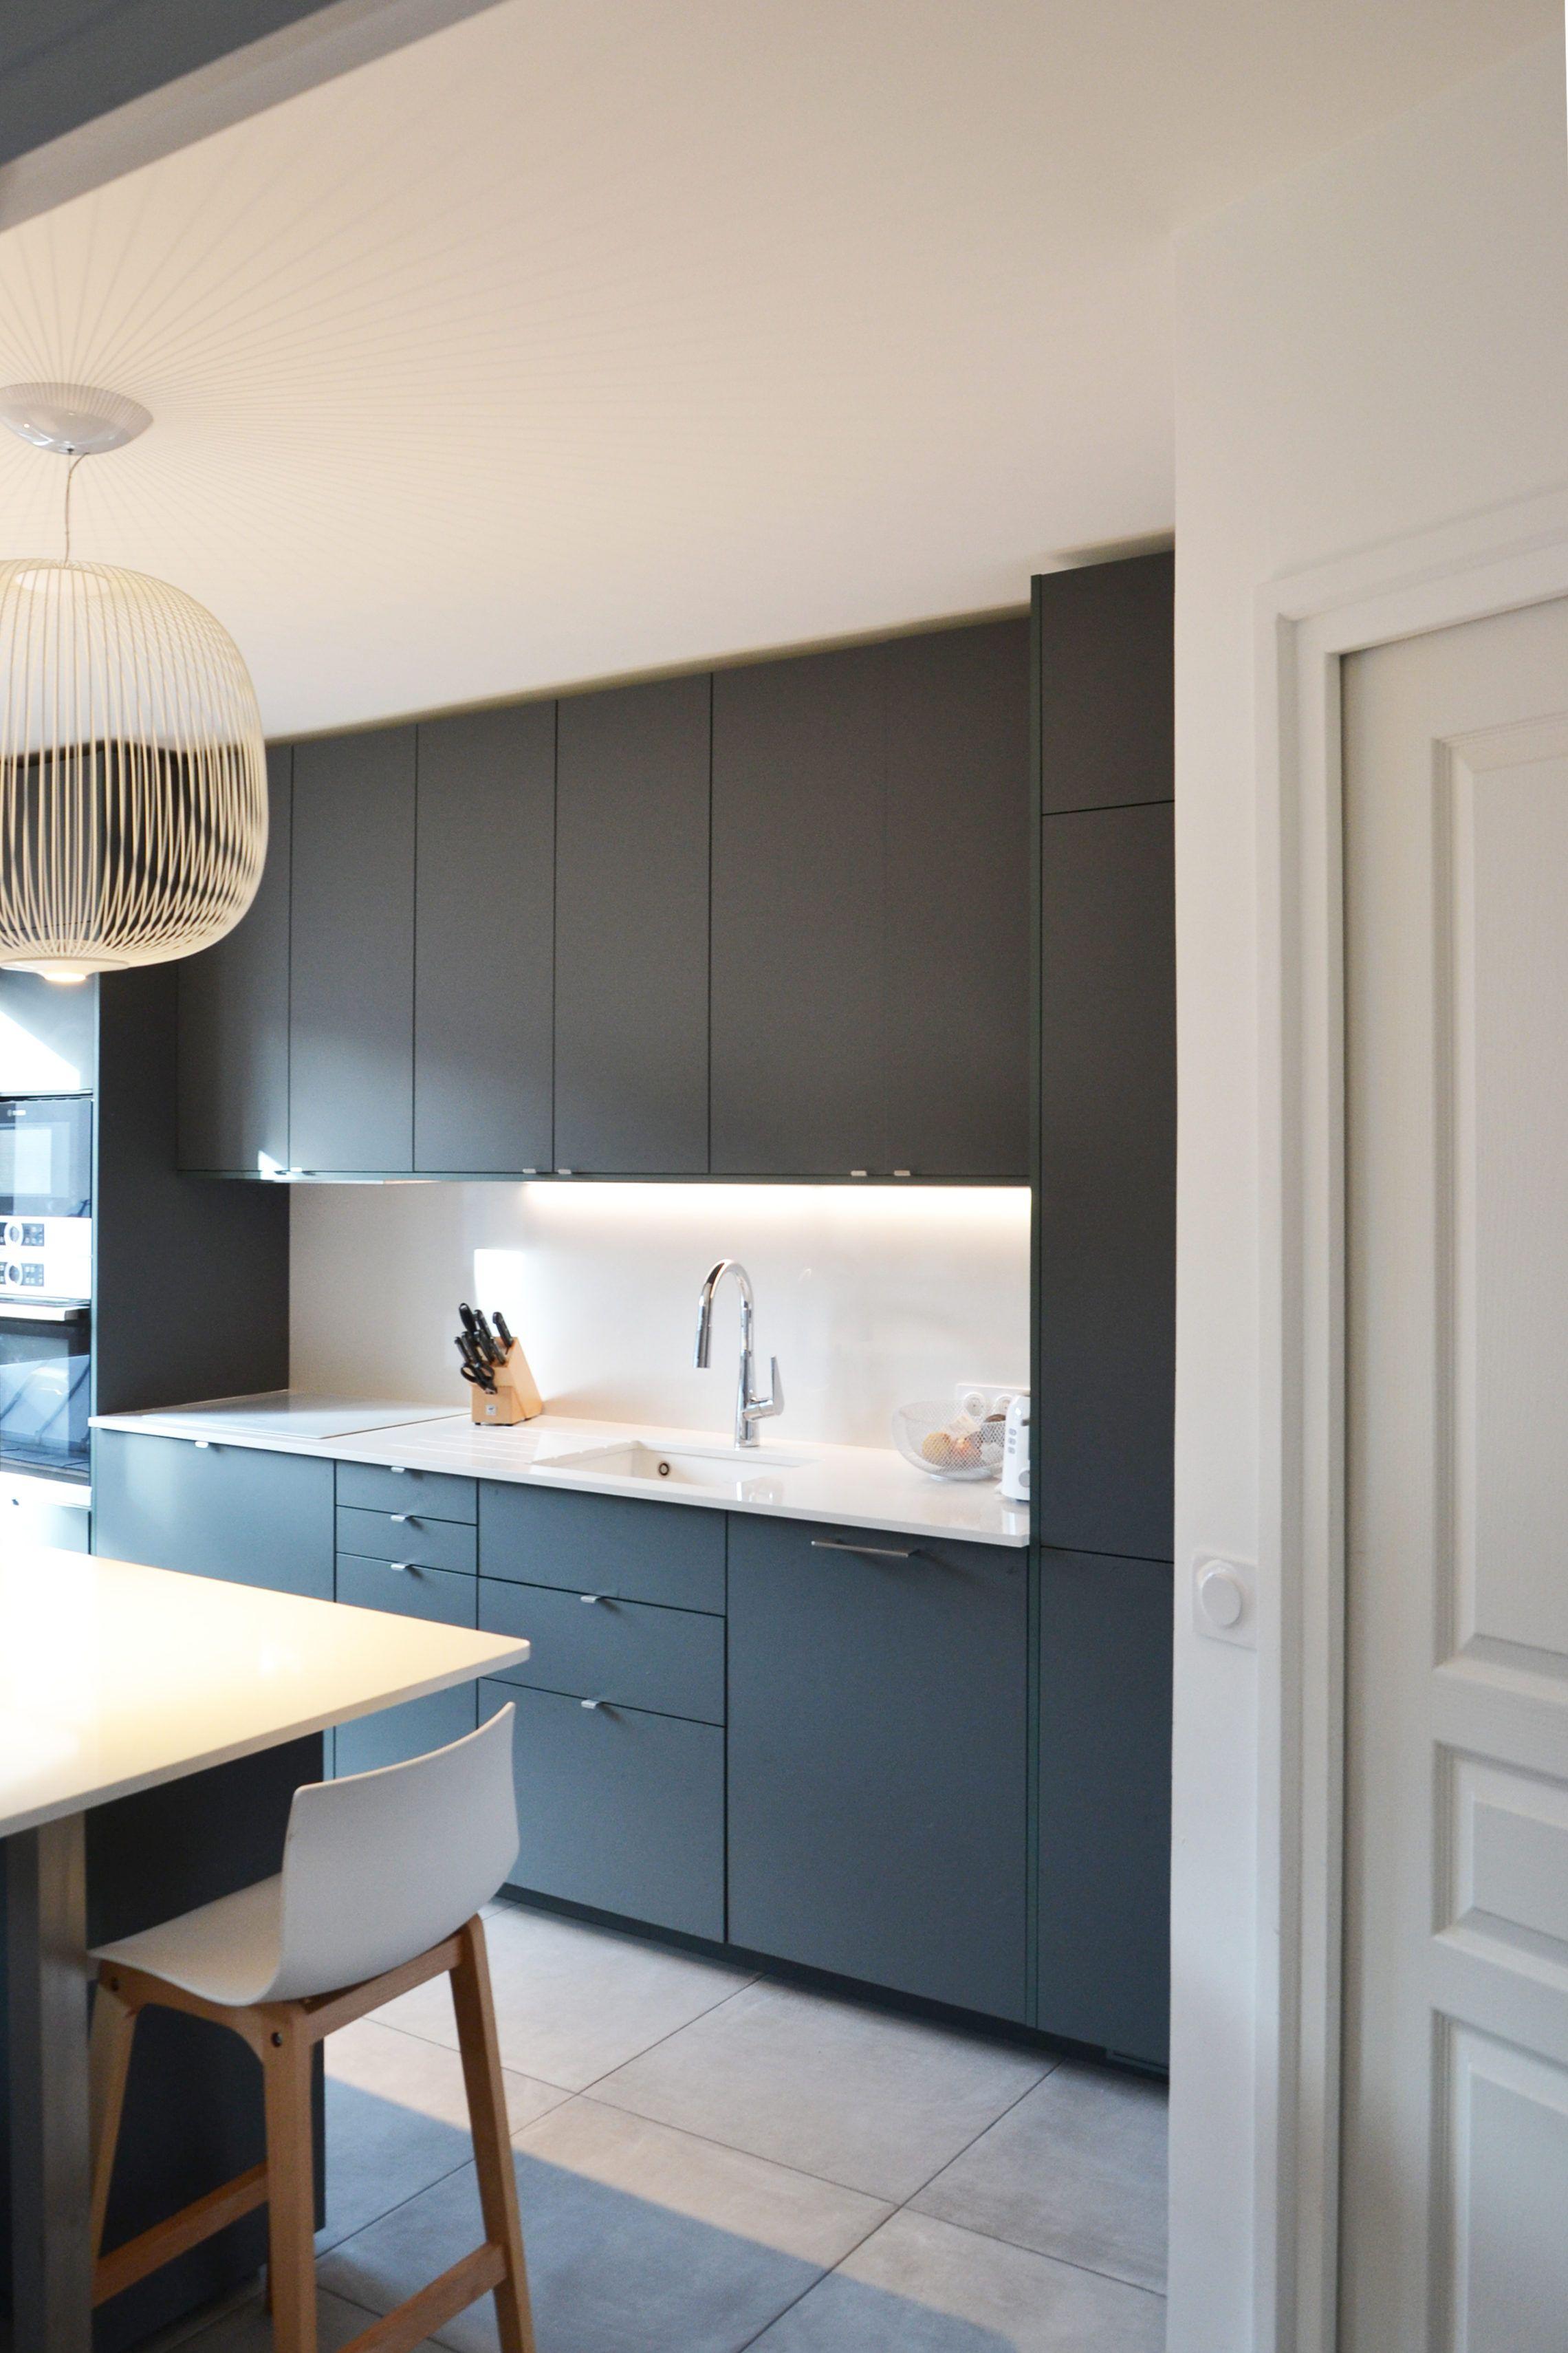 Porte Cuisine Sur Mesure Ikea galerie de photos (avec images) | cuisine sombre, cuisines